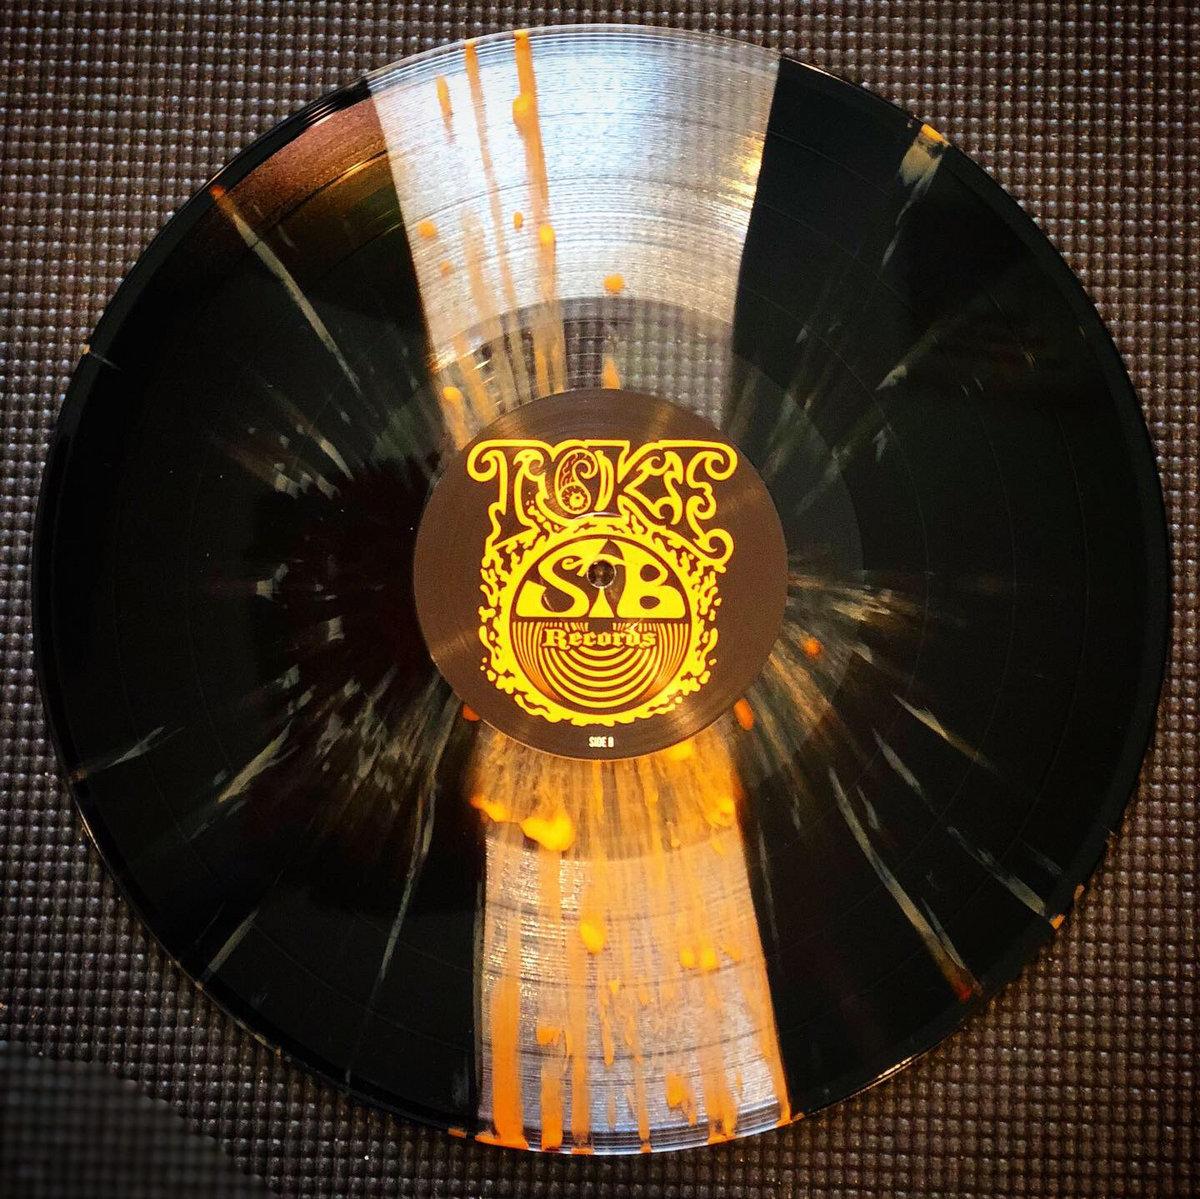 Orange | STB Records